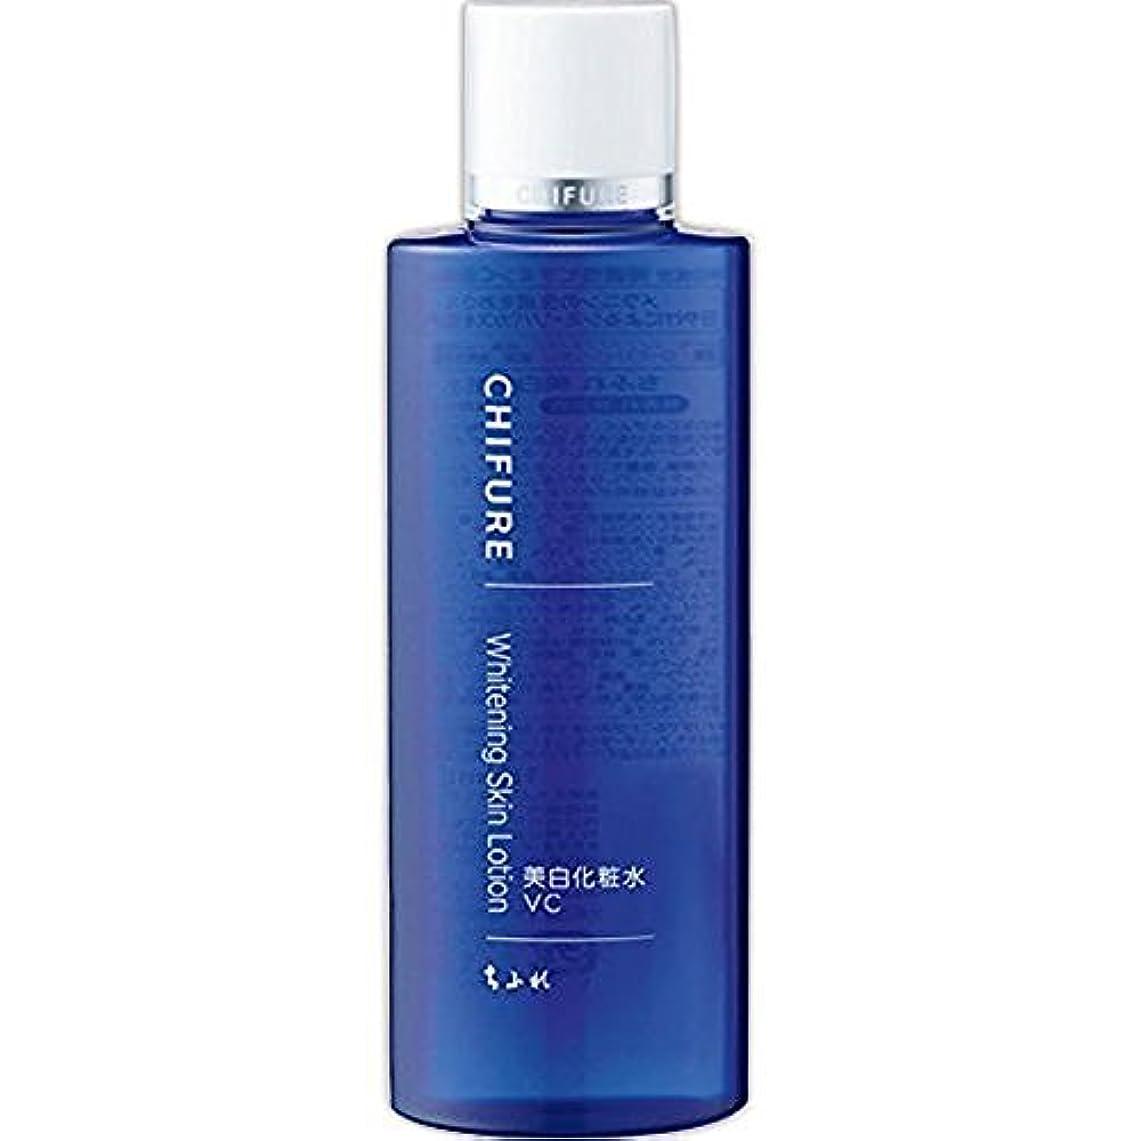 不振森林なのでちふれ化粧品 美白化粧水 VC 180ML (医薬部外品)